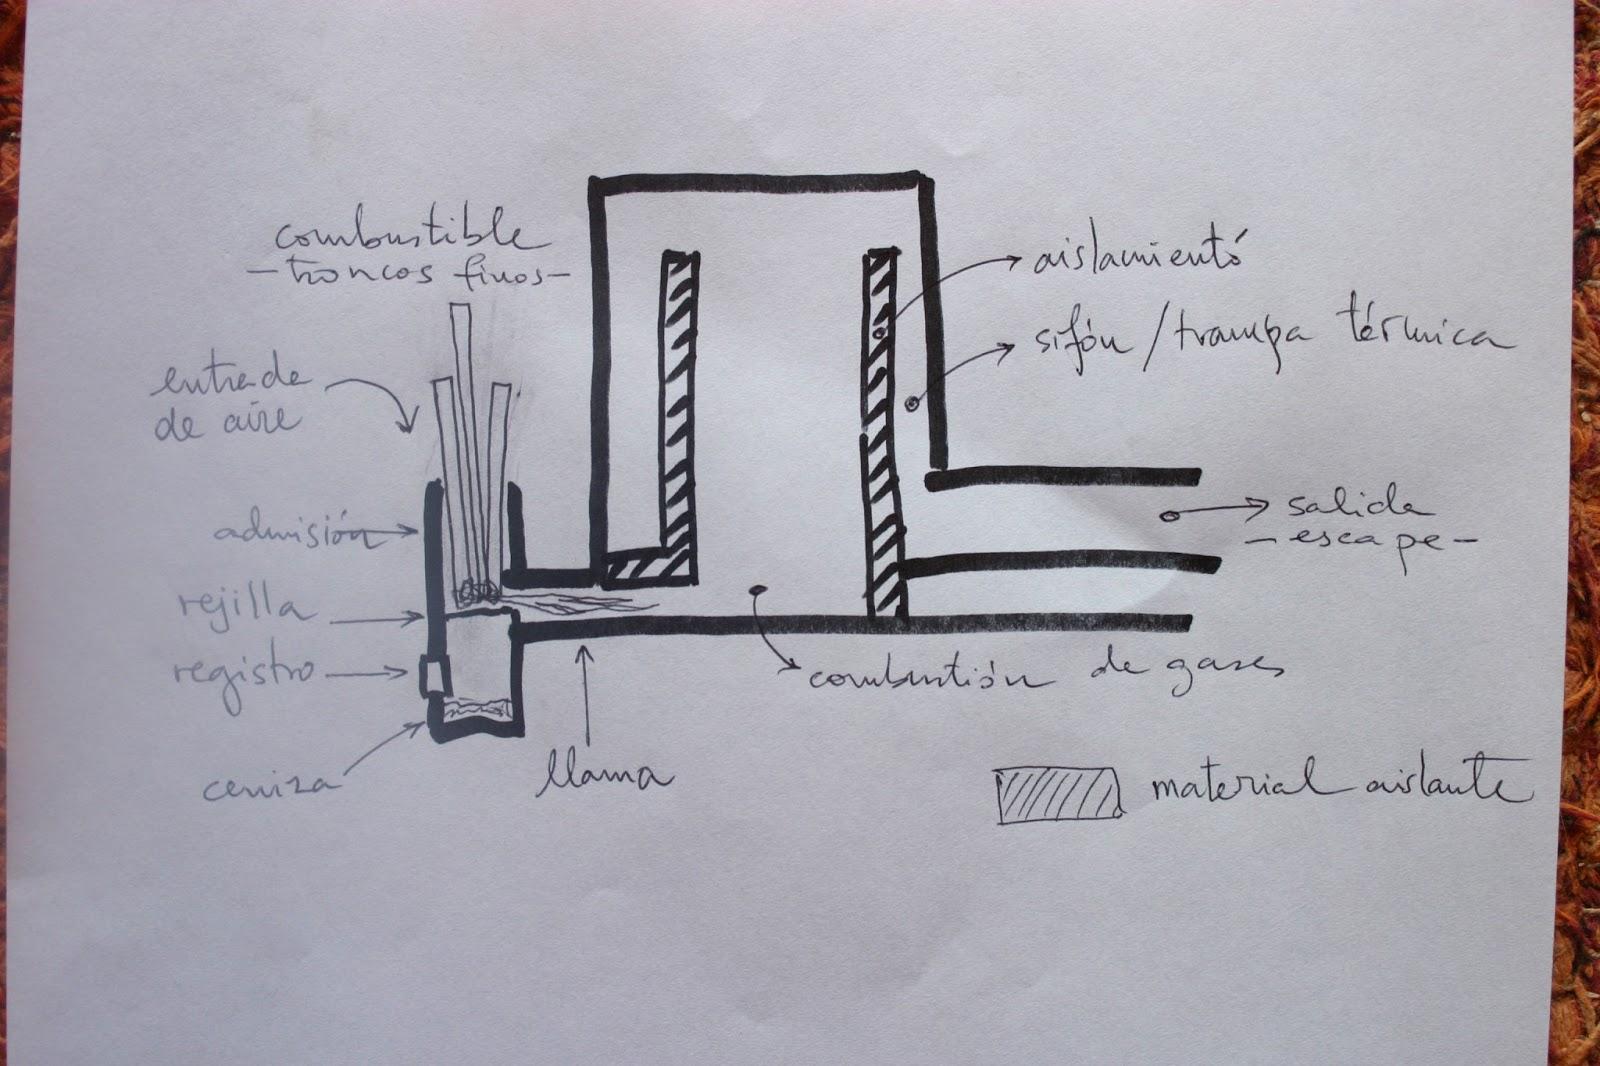 Building can santosha estufas de alta eficiencia - Como funciona una chimenea de lena ...